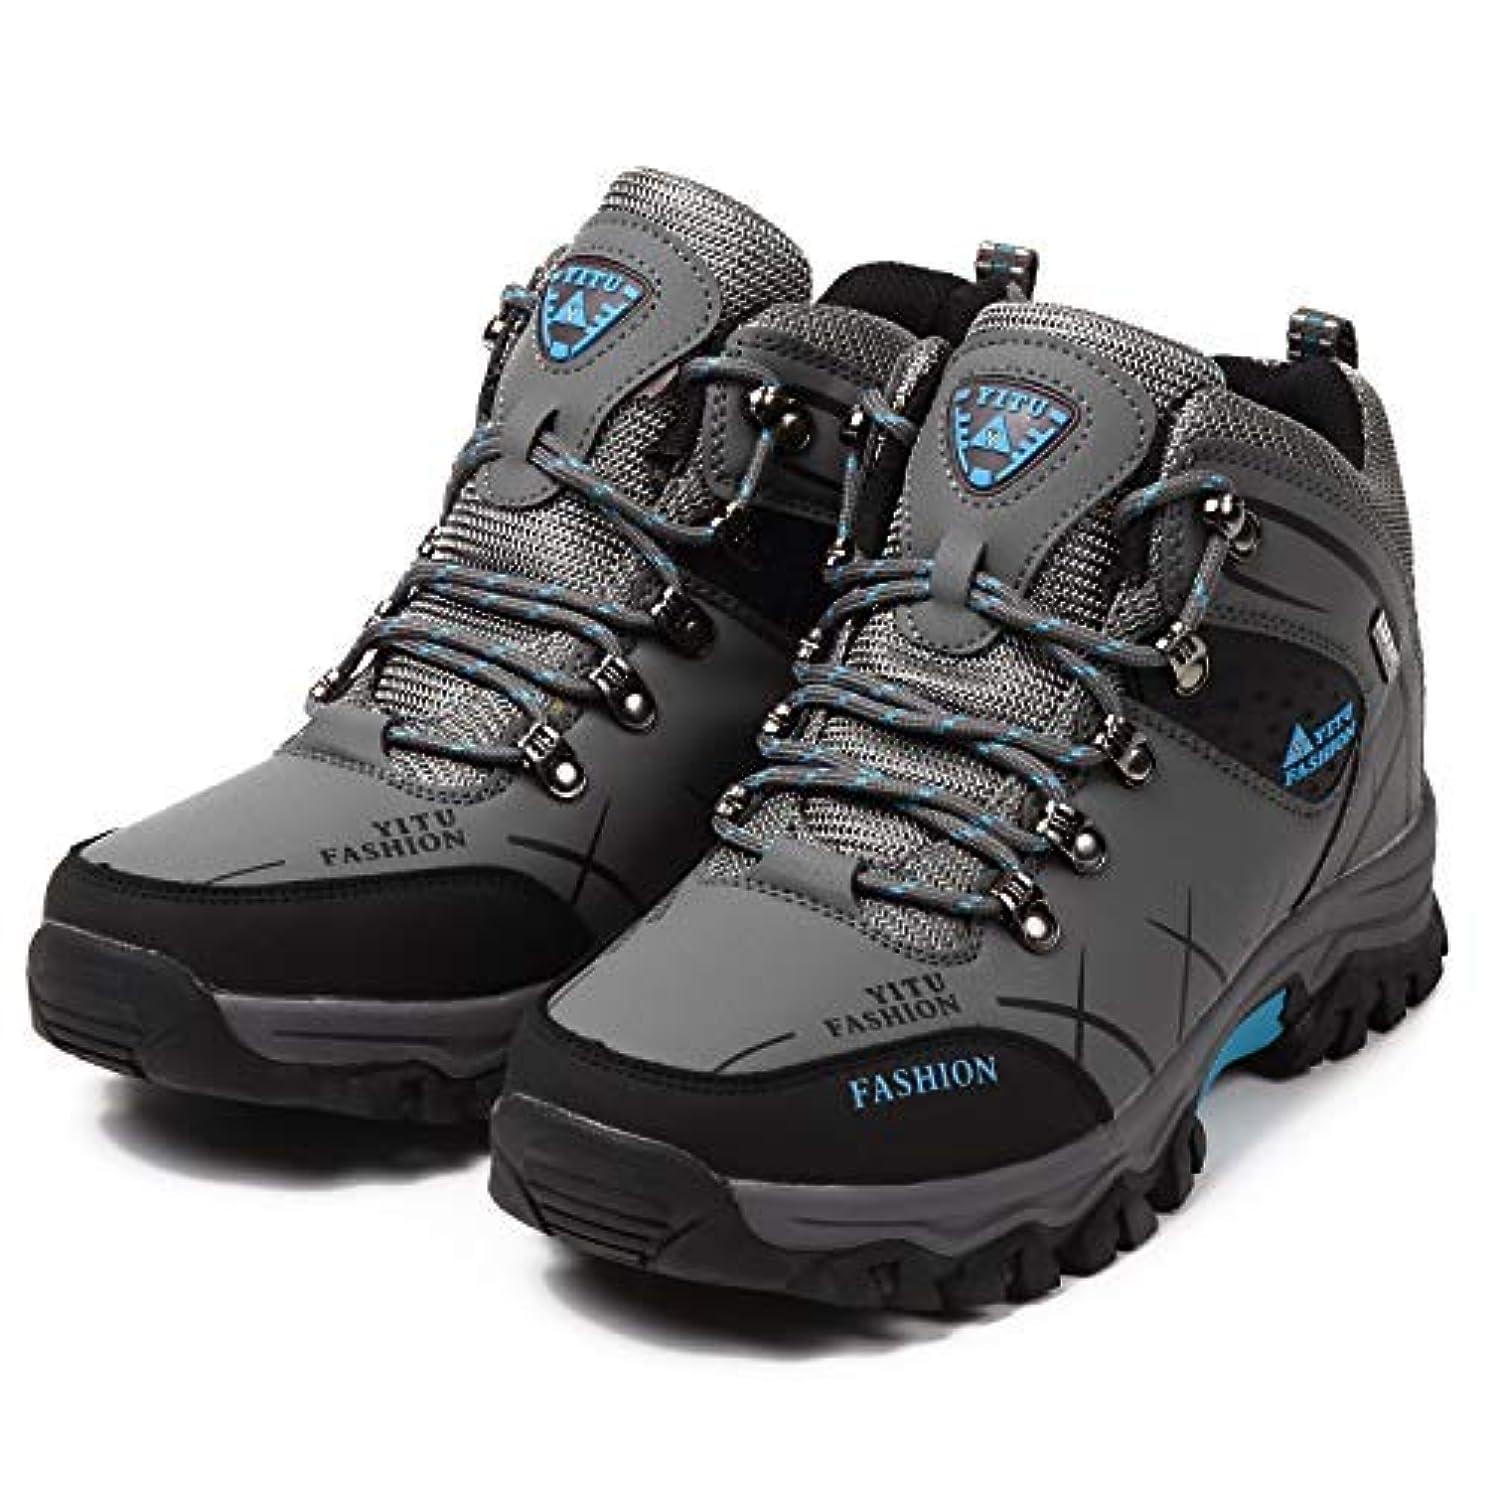 最小化するヘッジ売るトレッキングシューズ メンズ 防水 防寒 ハイカット 防滑 通気性 アウトドアに適した 登山靴 滑り止め 強いグリップ